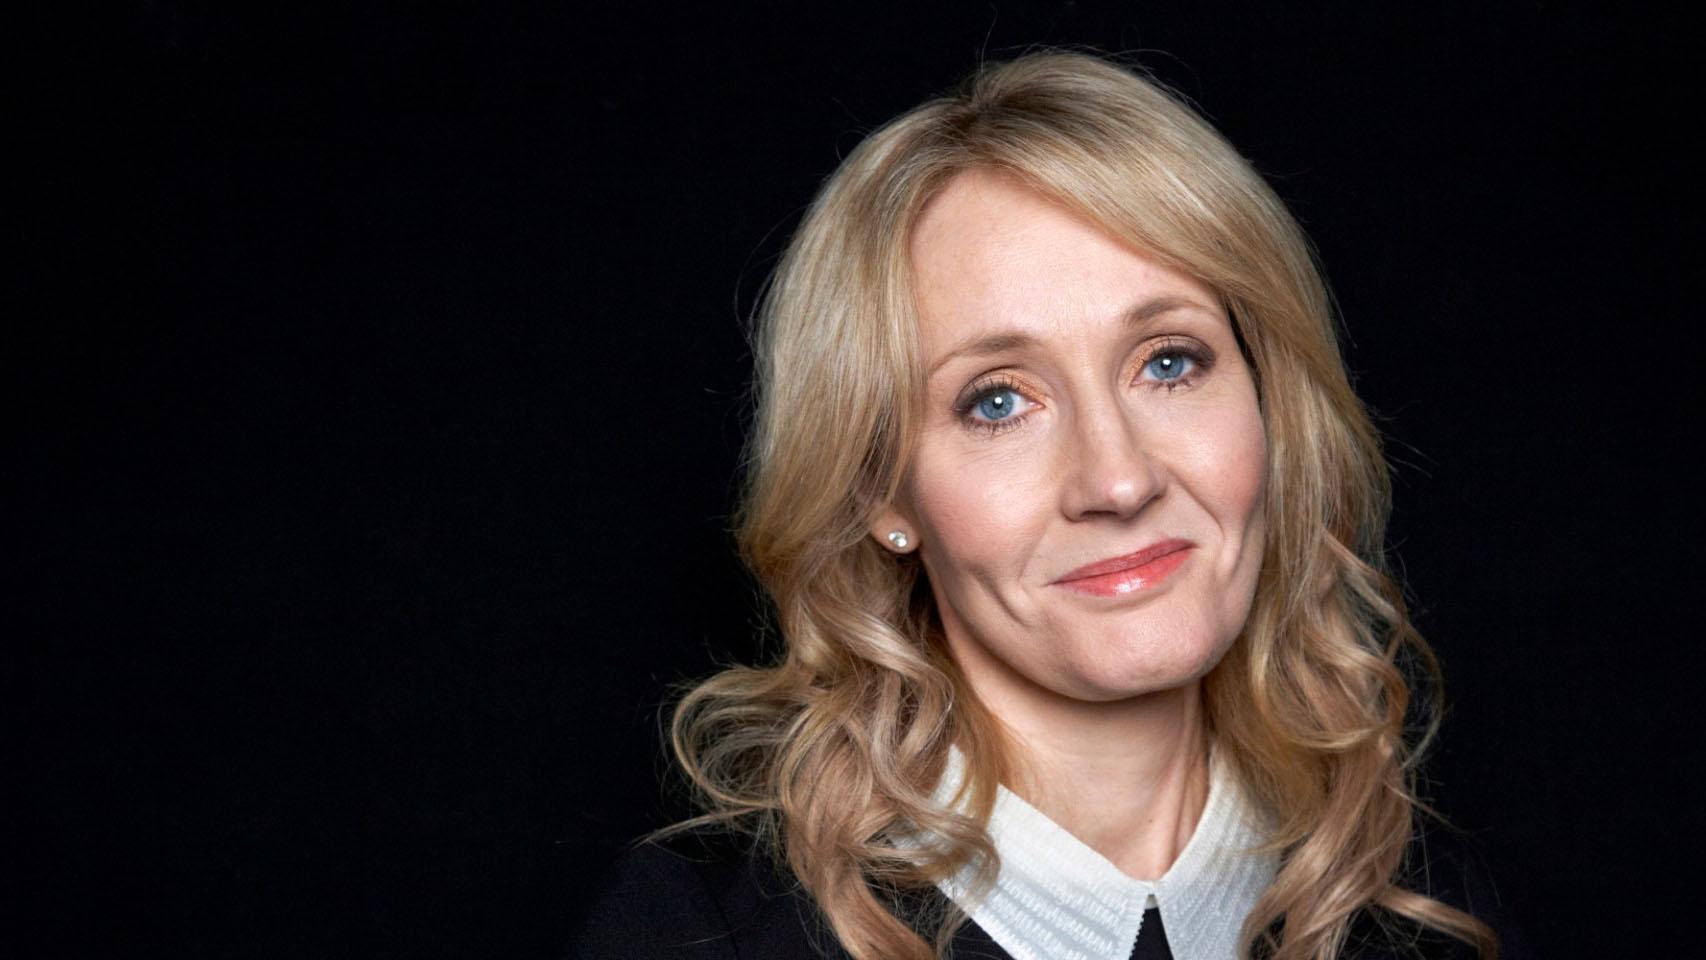 J.K. Rowling spiega la propria posizione thumbnail